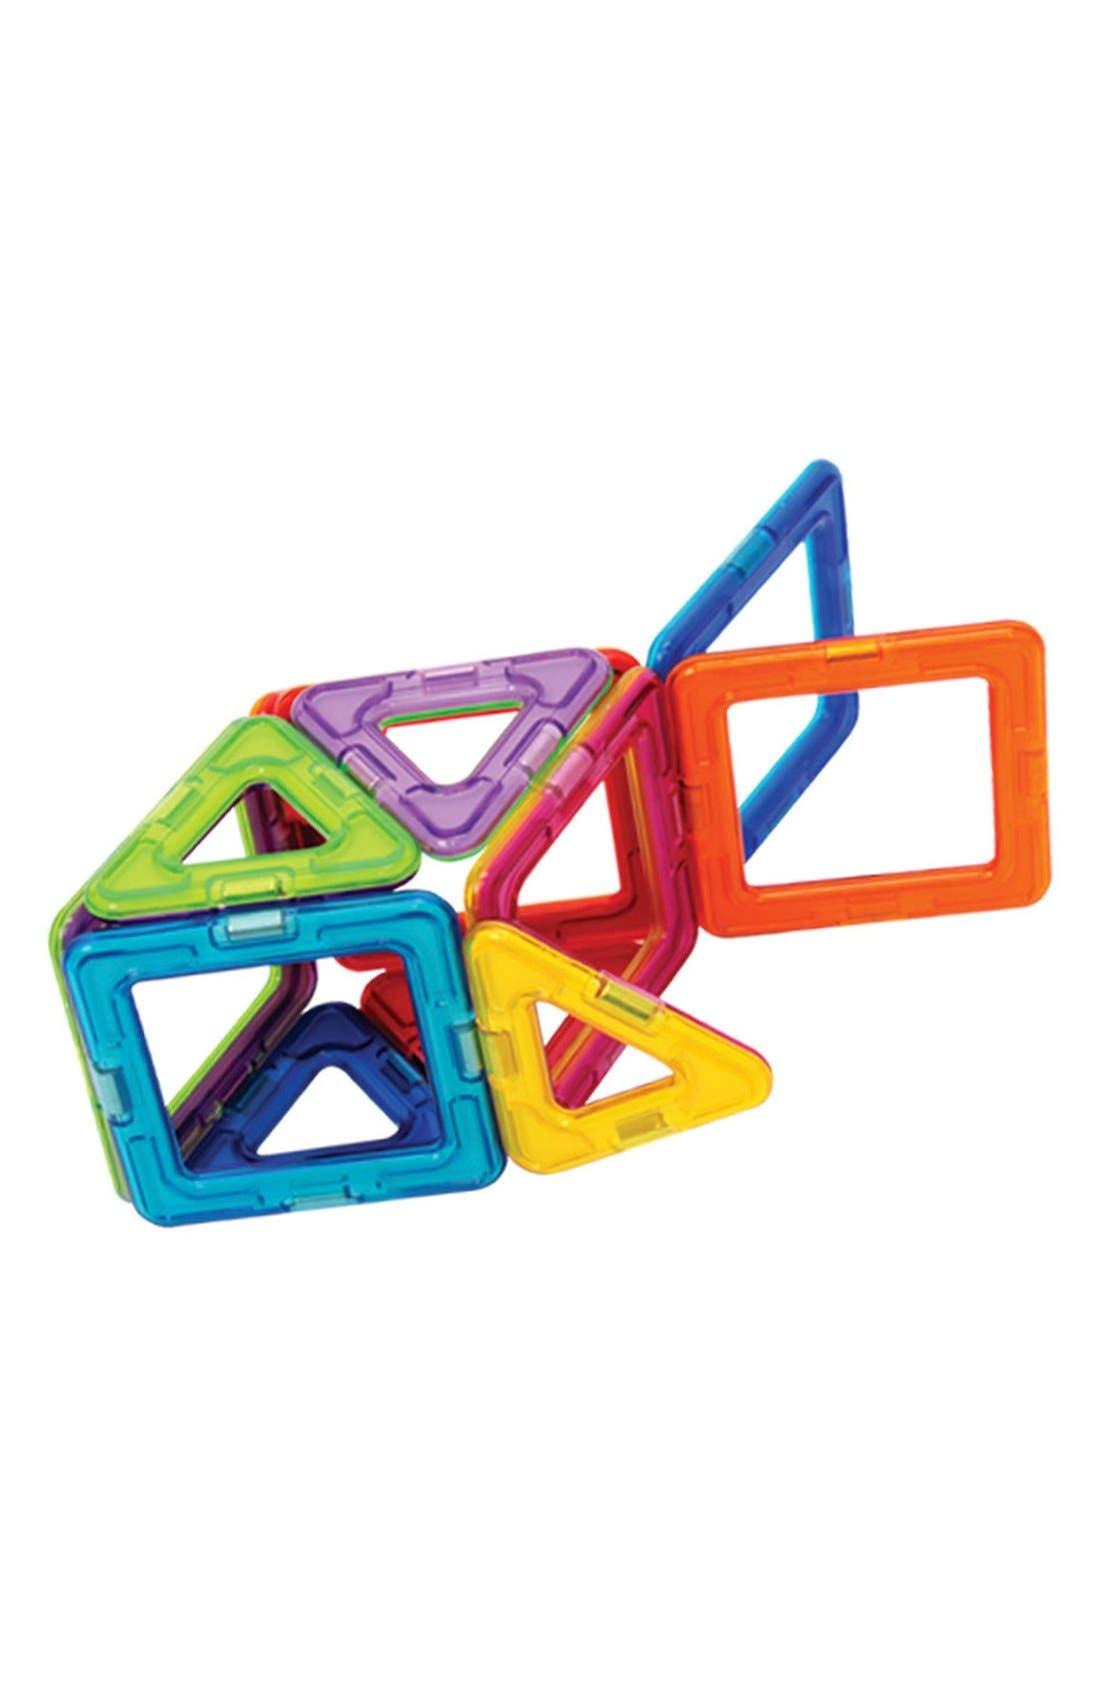 'Standard' Magnetic 3D Construction Set,                             Alternate thumbnail 4, color,                             400